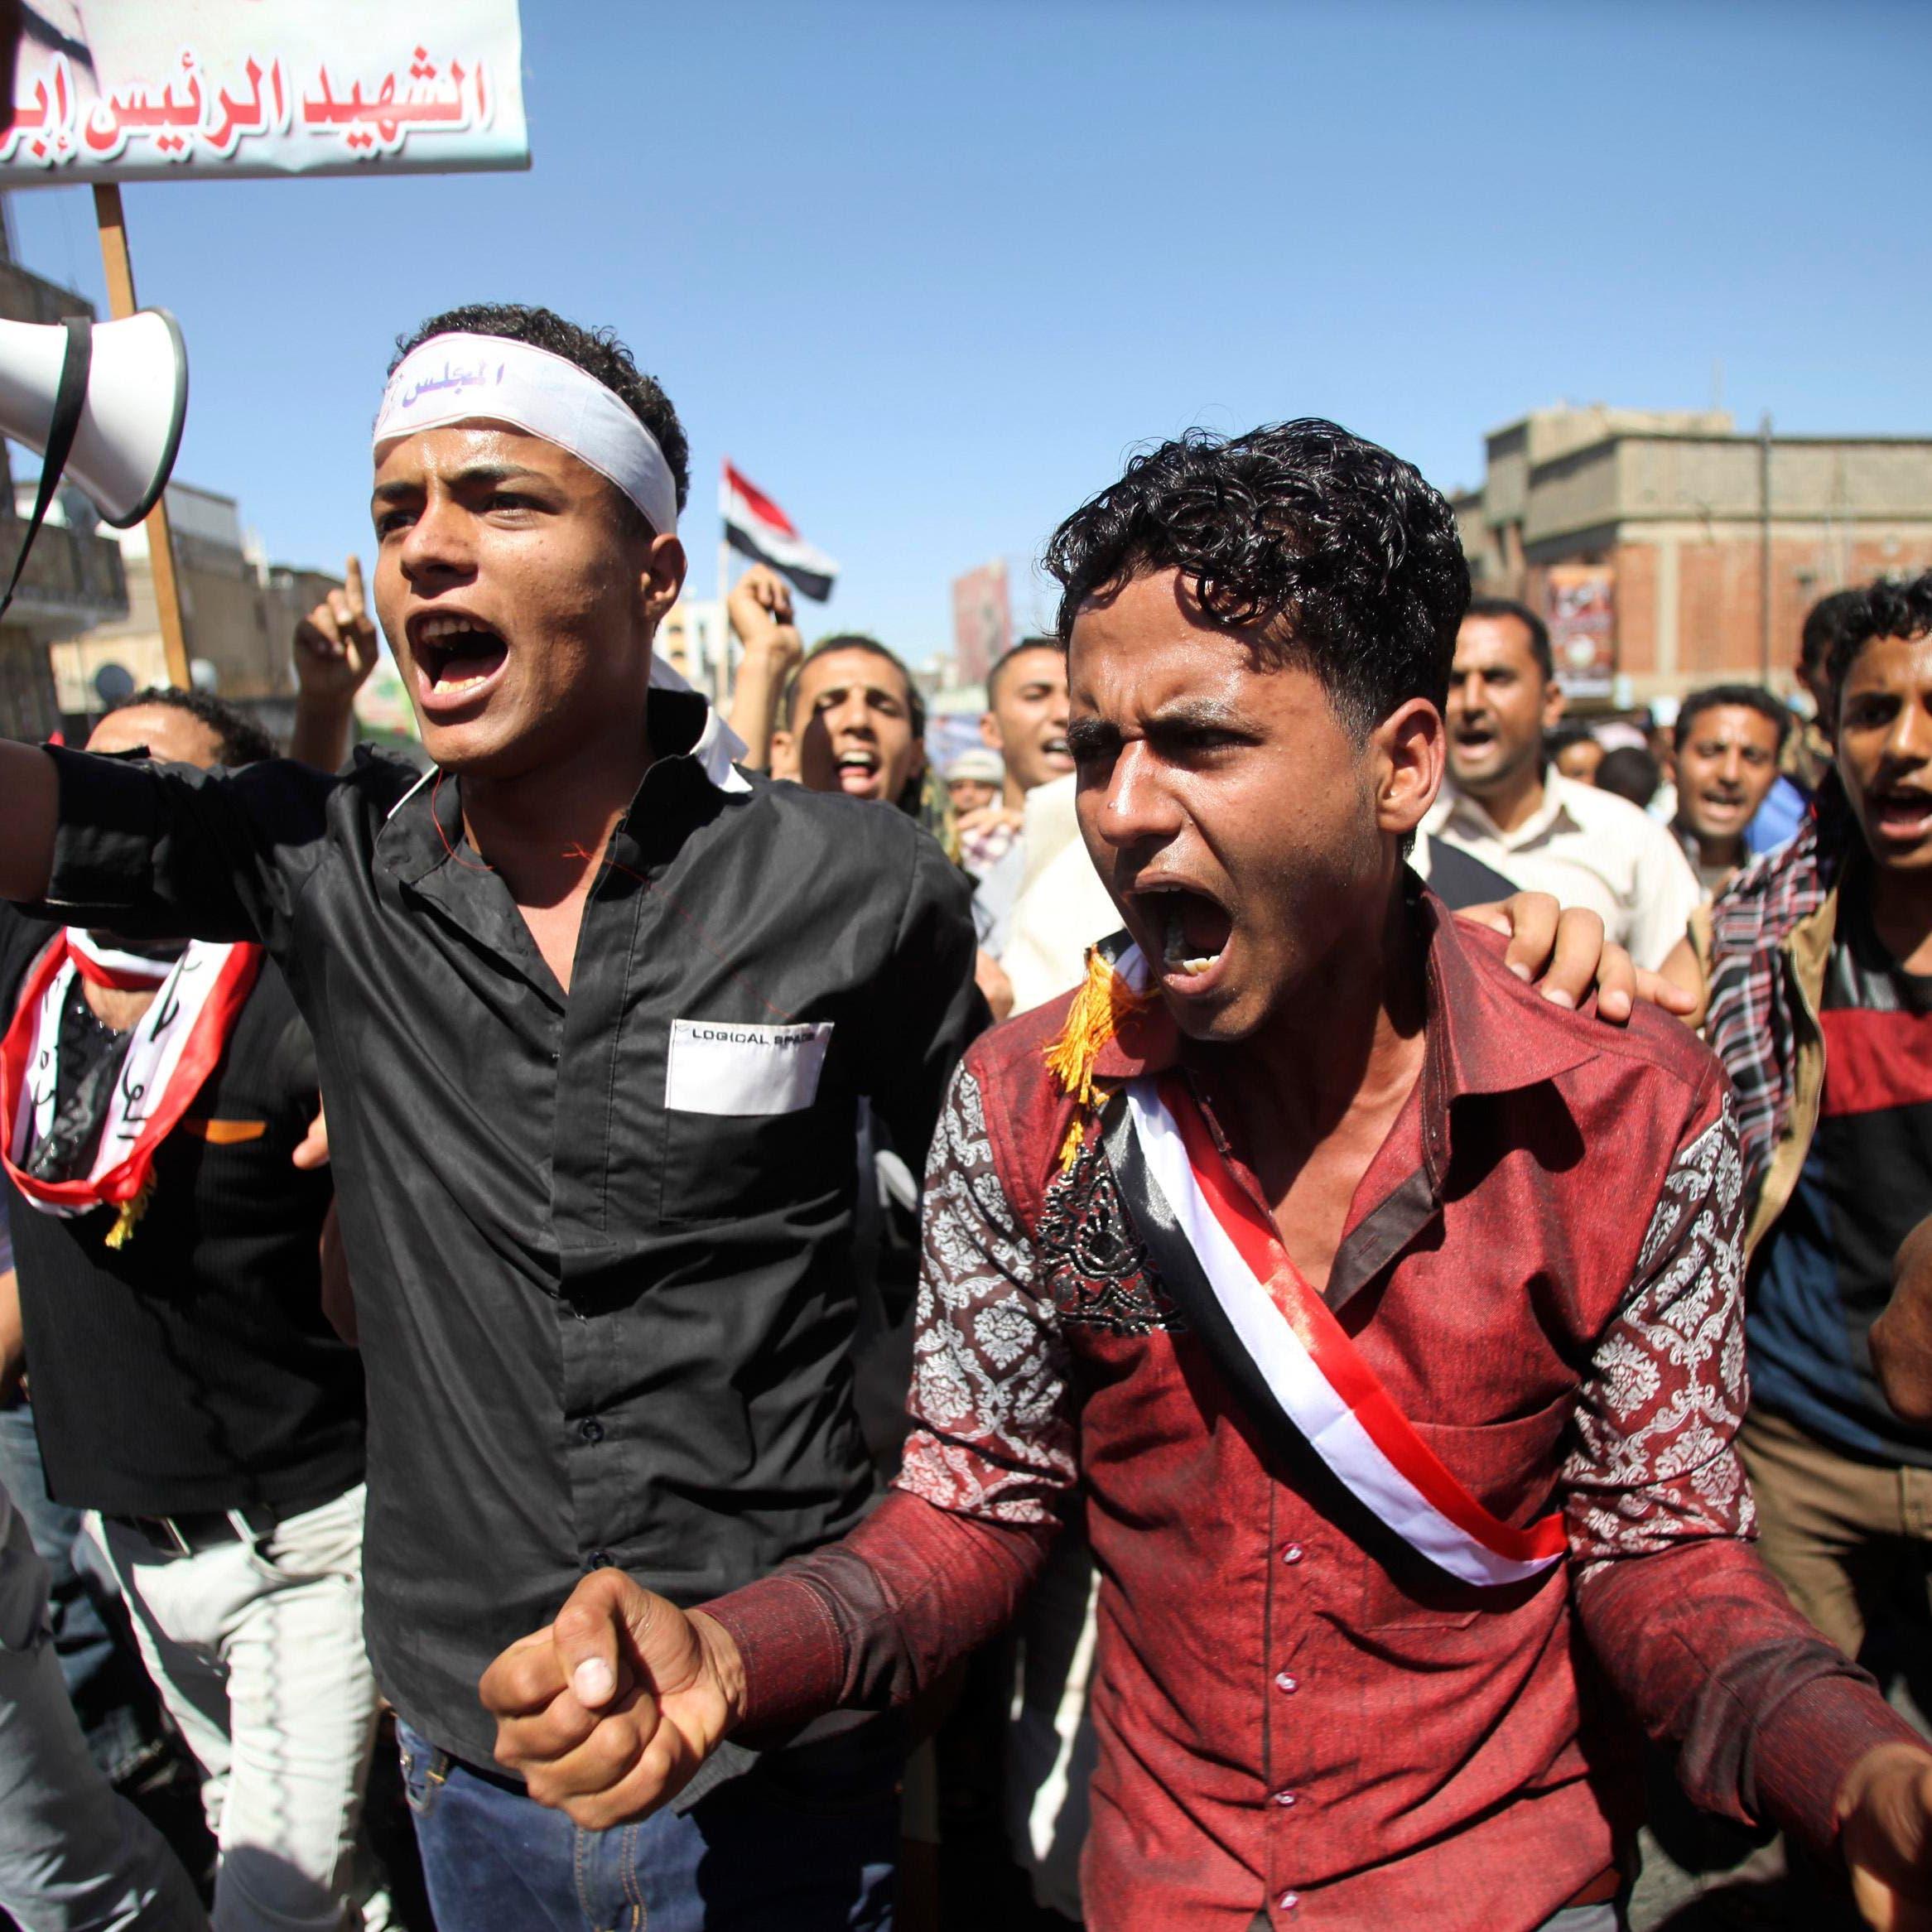 اليمن.. 300 مختطف قضوا نحبهم تحت التعذيب في سجون الحوثيين